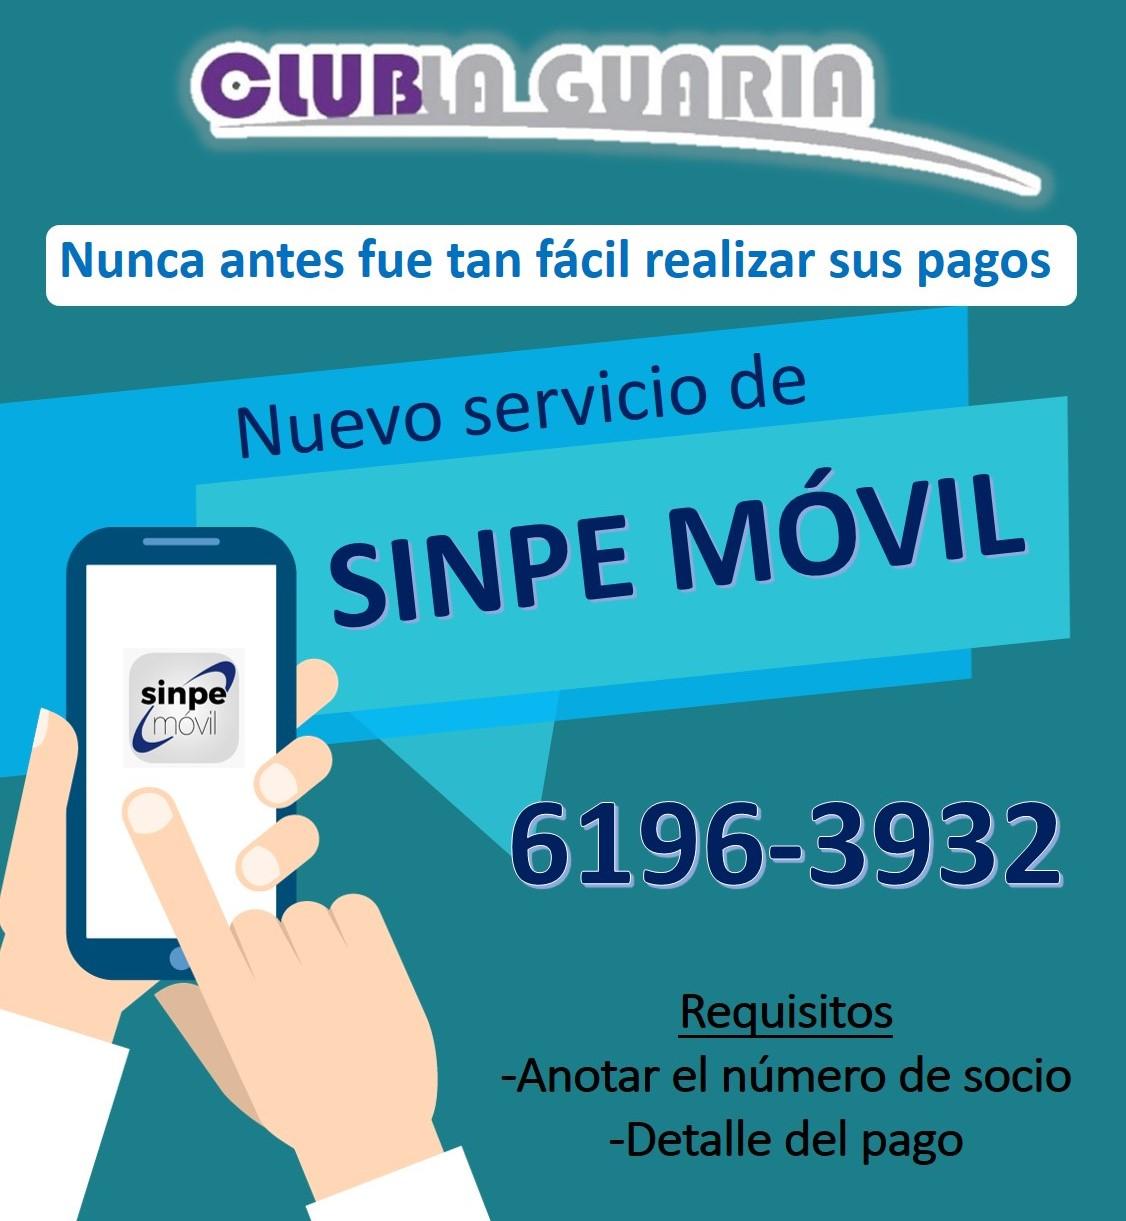 Nuevo servicio de Sinpe Móvil